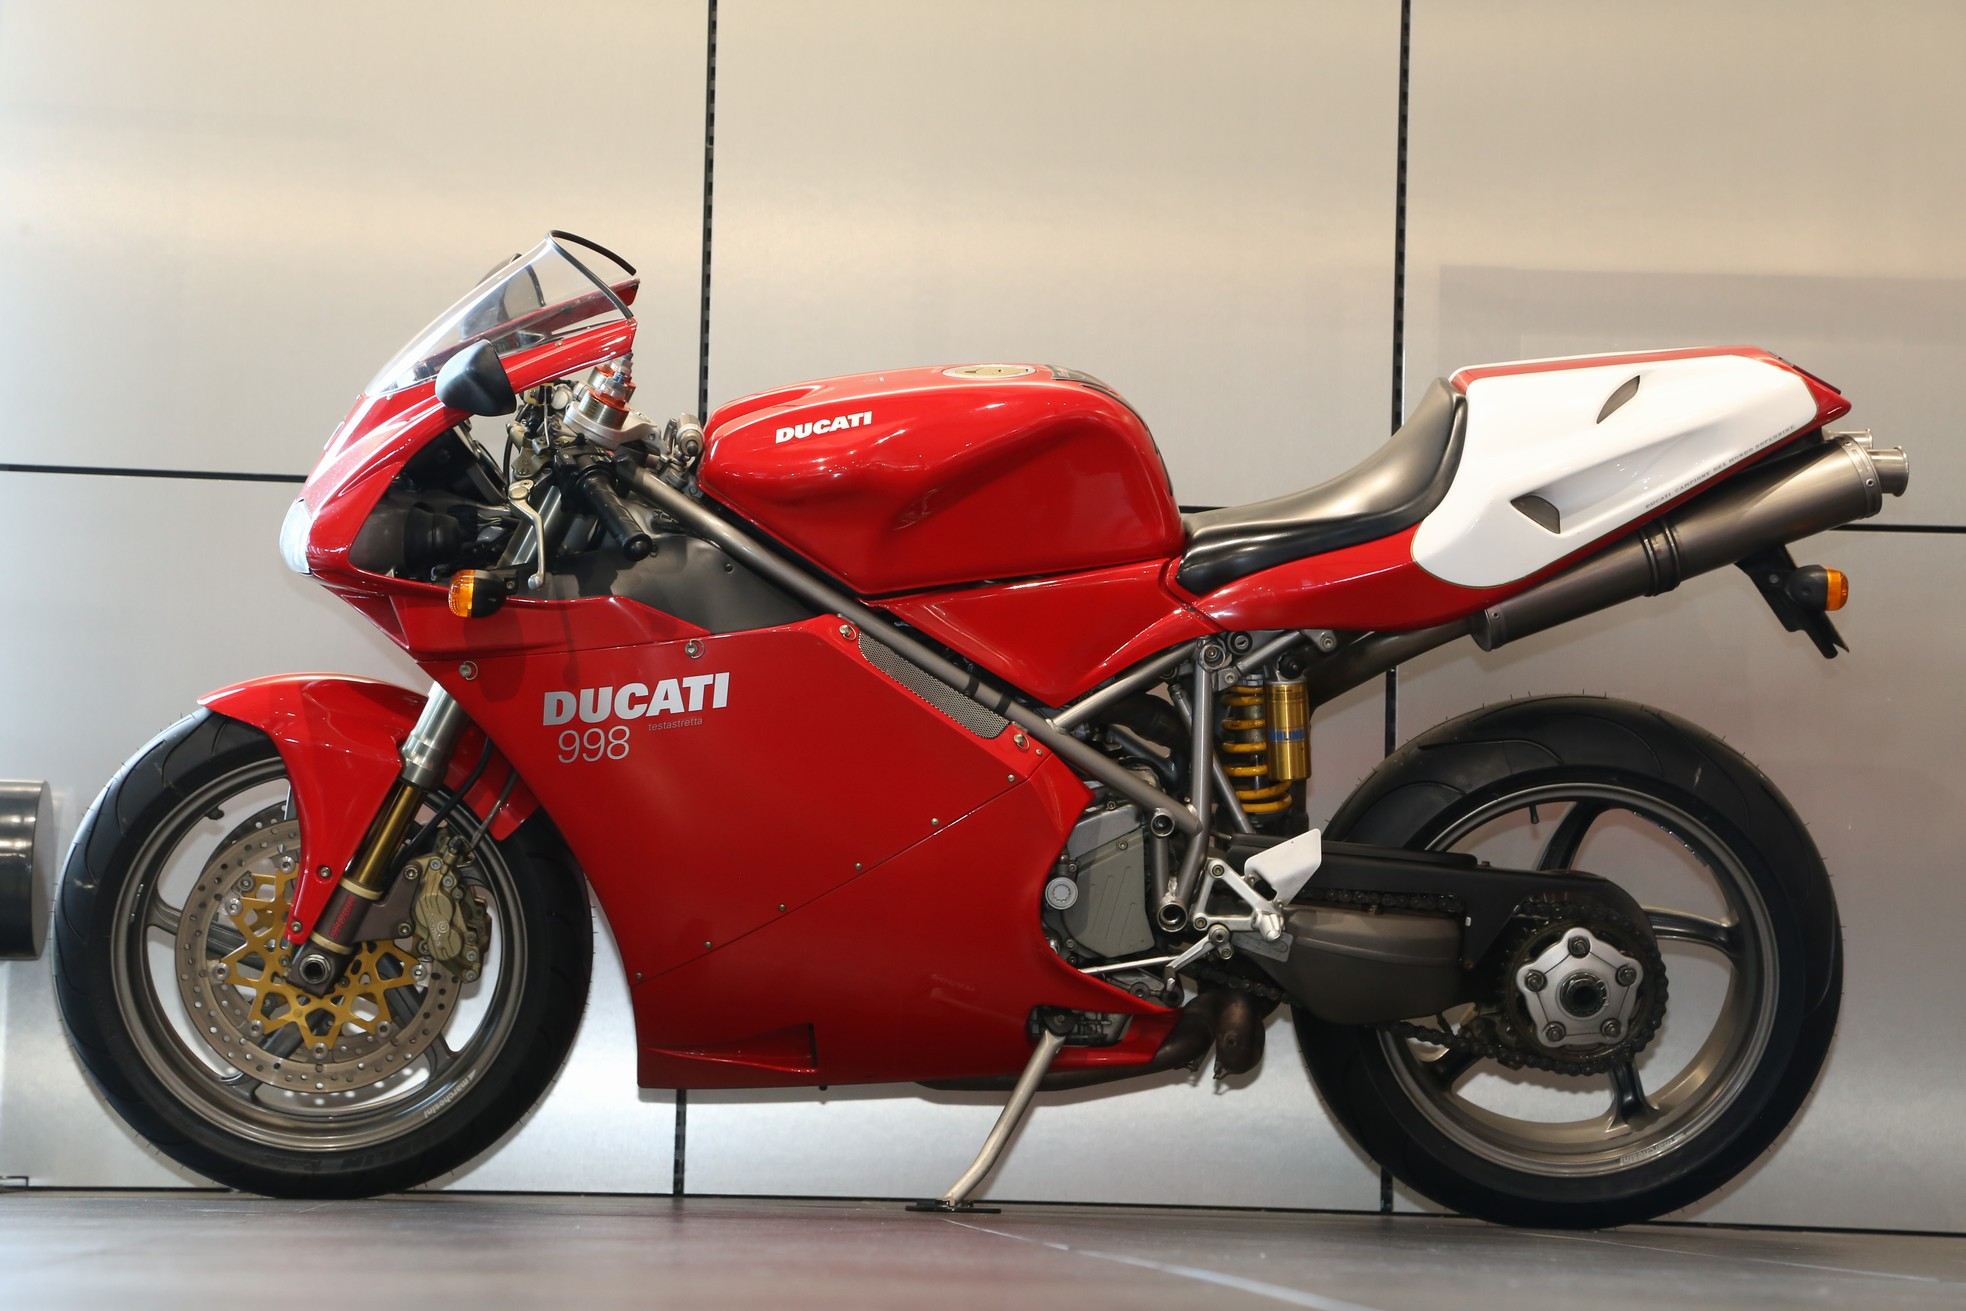 DUCATI - 998